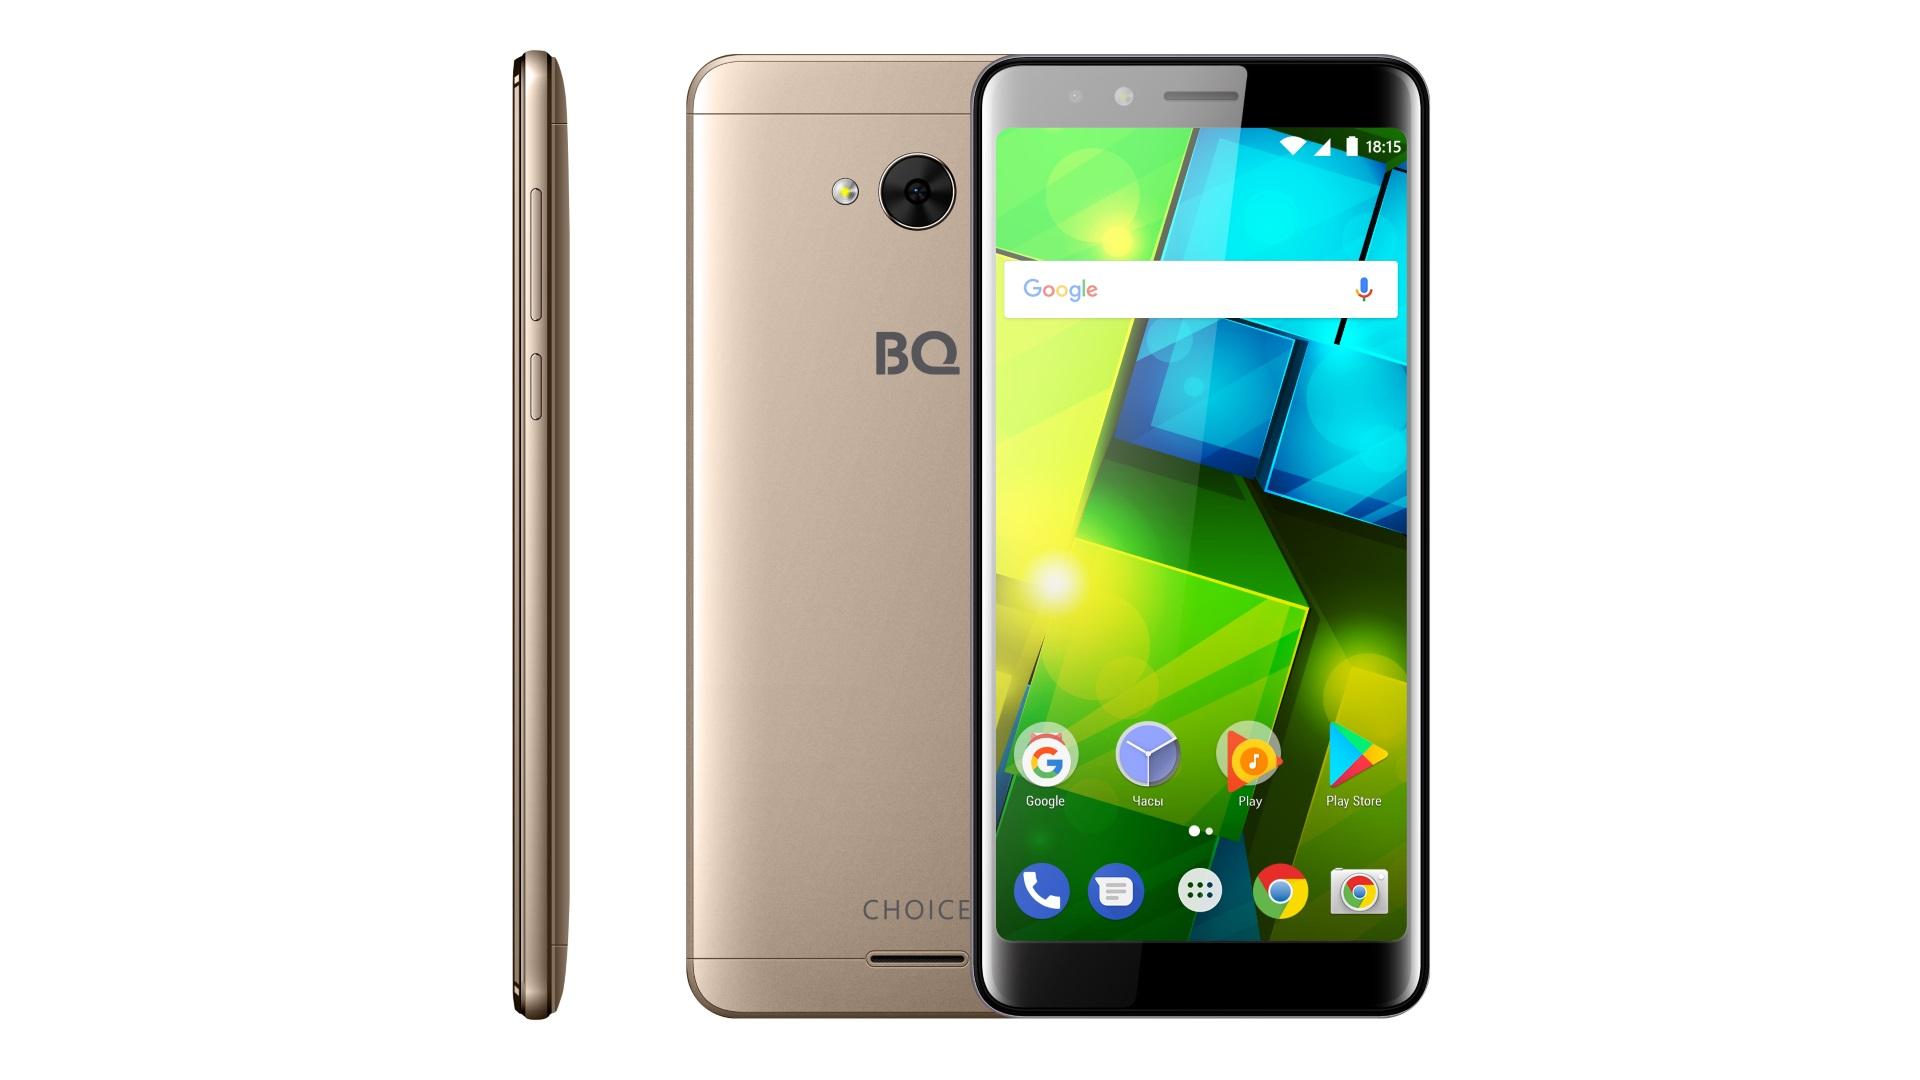 BQ представляет самый доступный безрамочный смартфон в линейке – BQ-5340 Choice